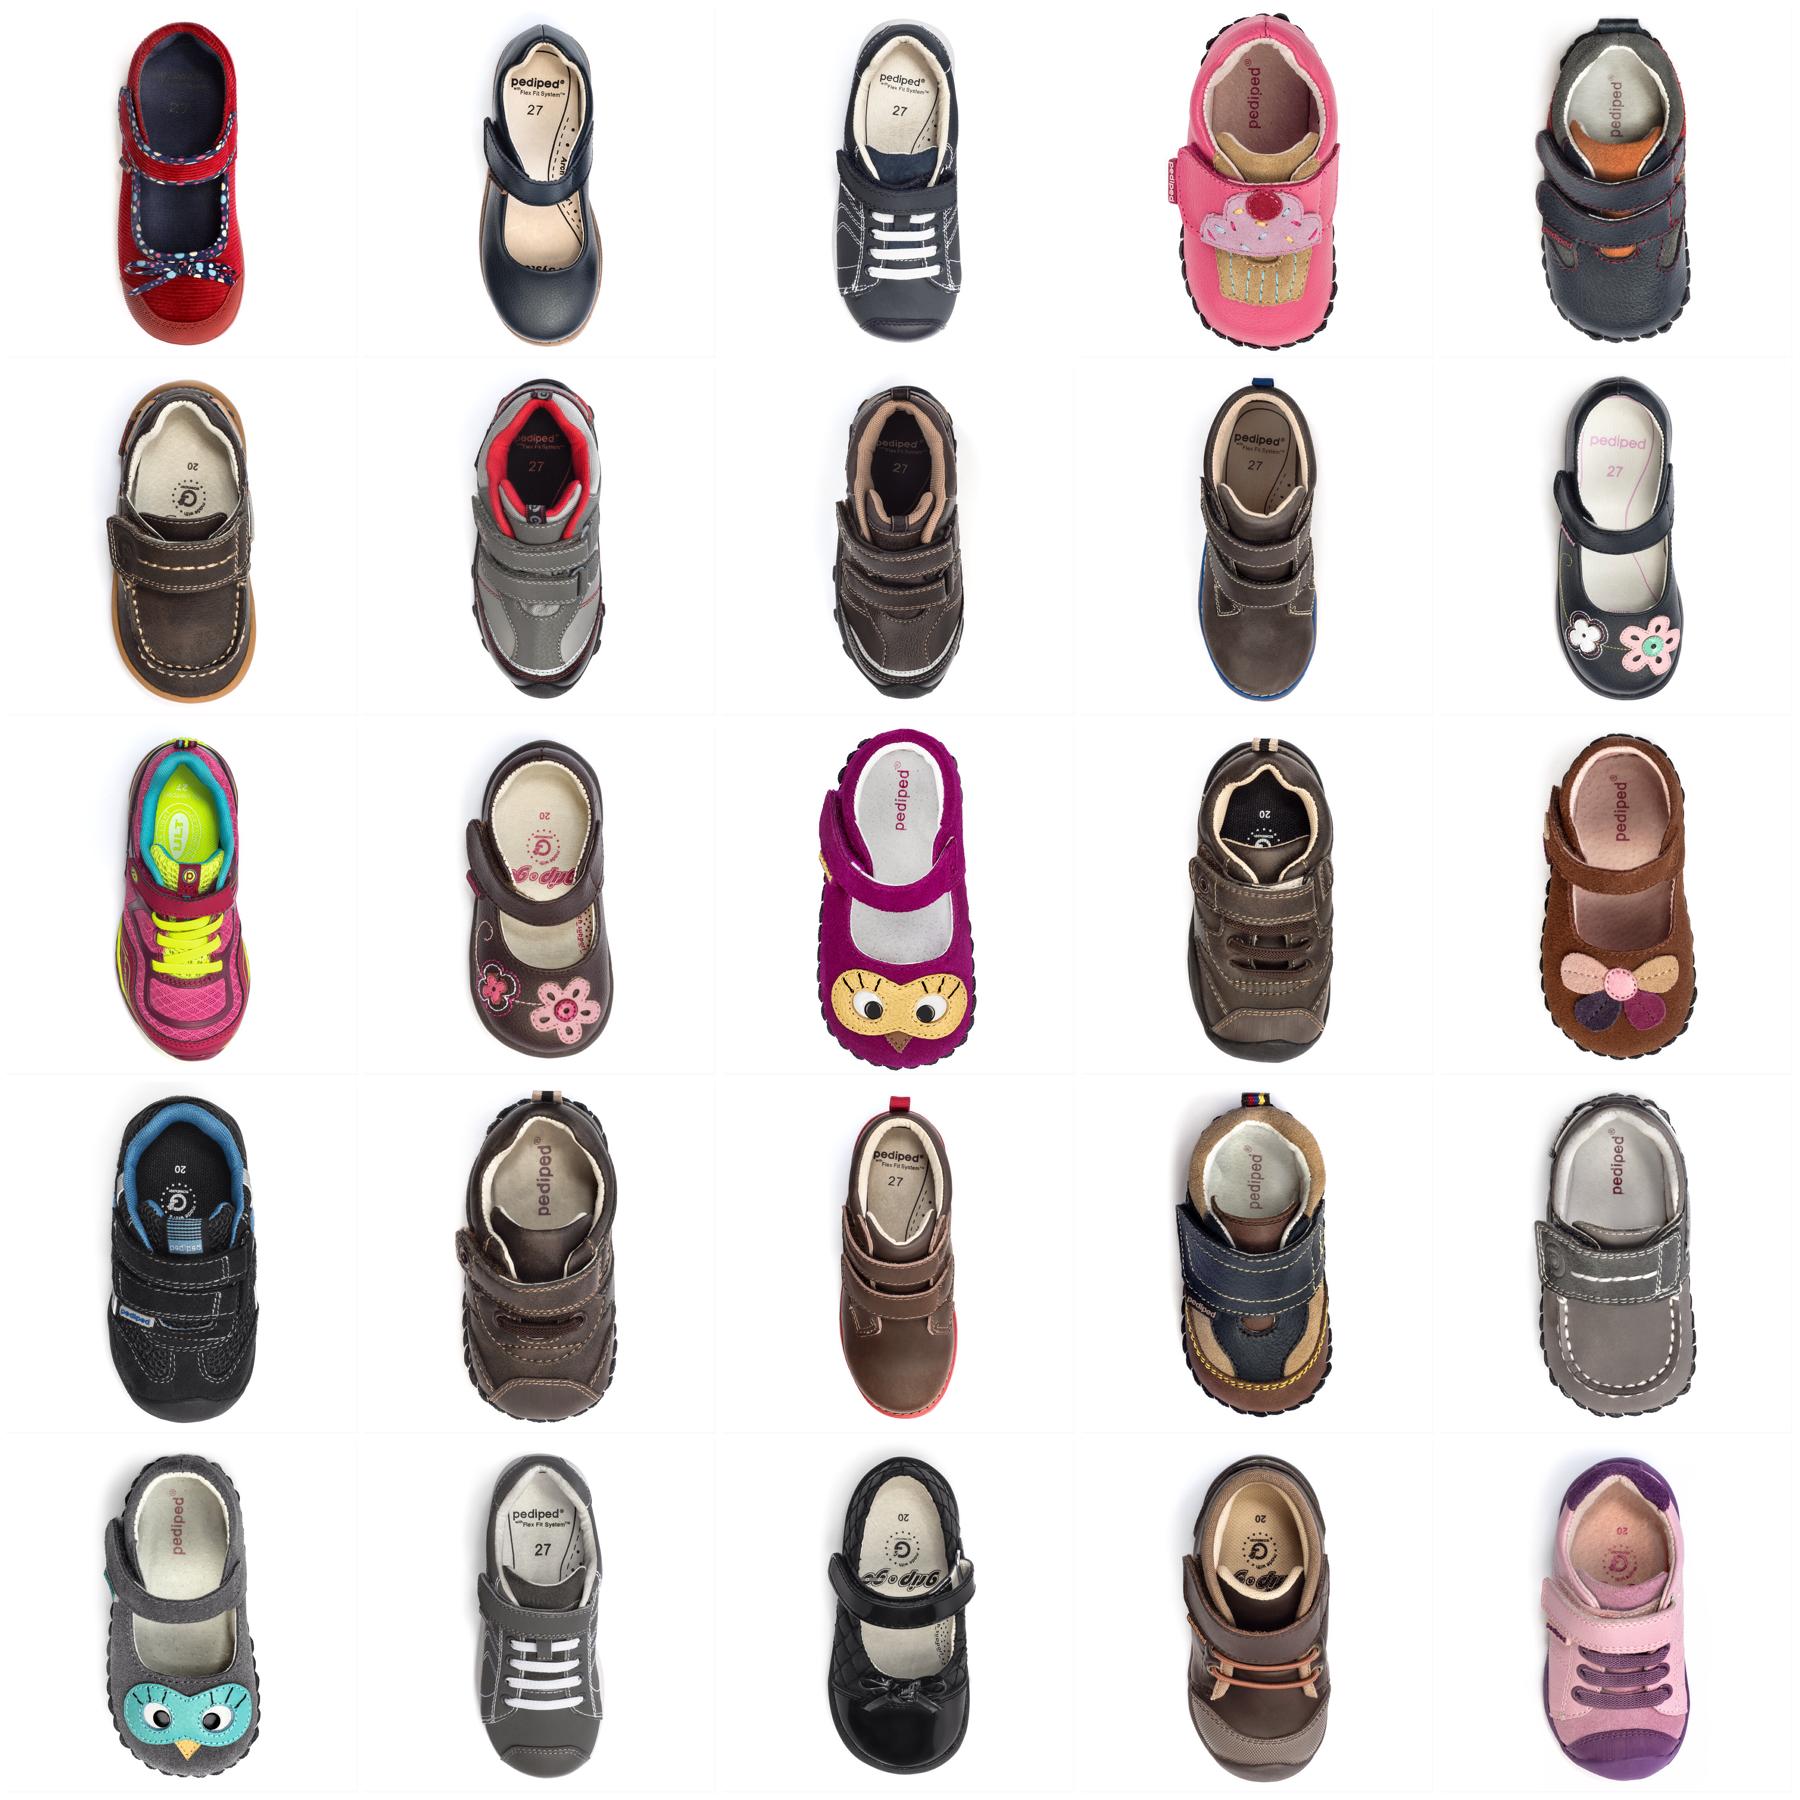 a136a4a5be58 A pediped™ minden tényezőt szem előtt tart a különböző korosztályok számára  készülő cipők tervezésekor. A fent említett alapkövetelmények mellett  eltérő ...